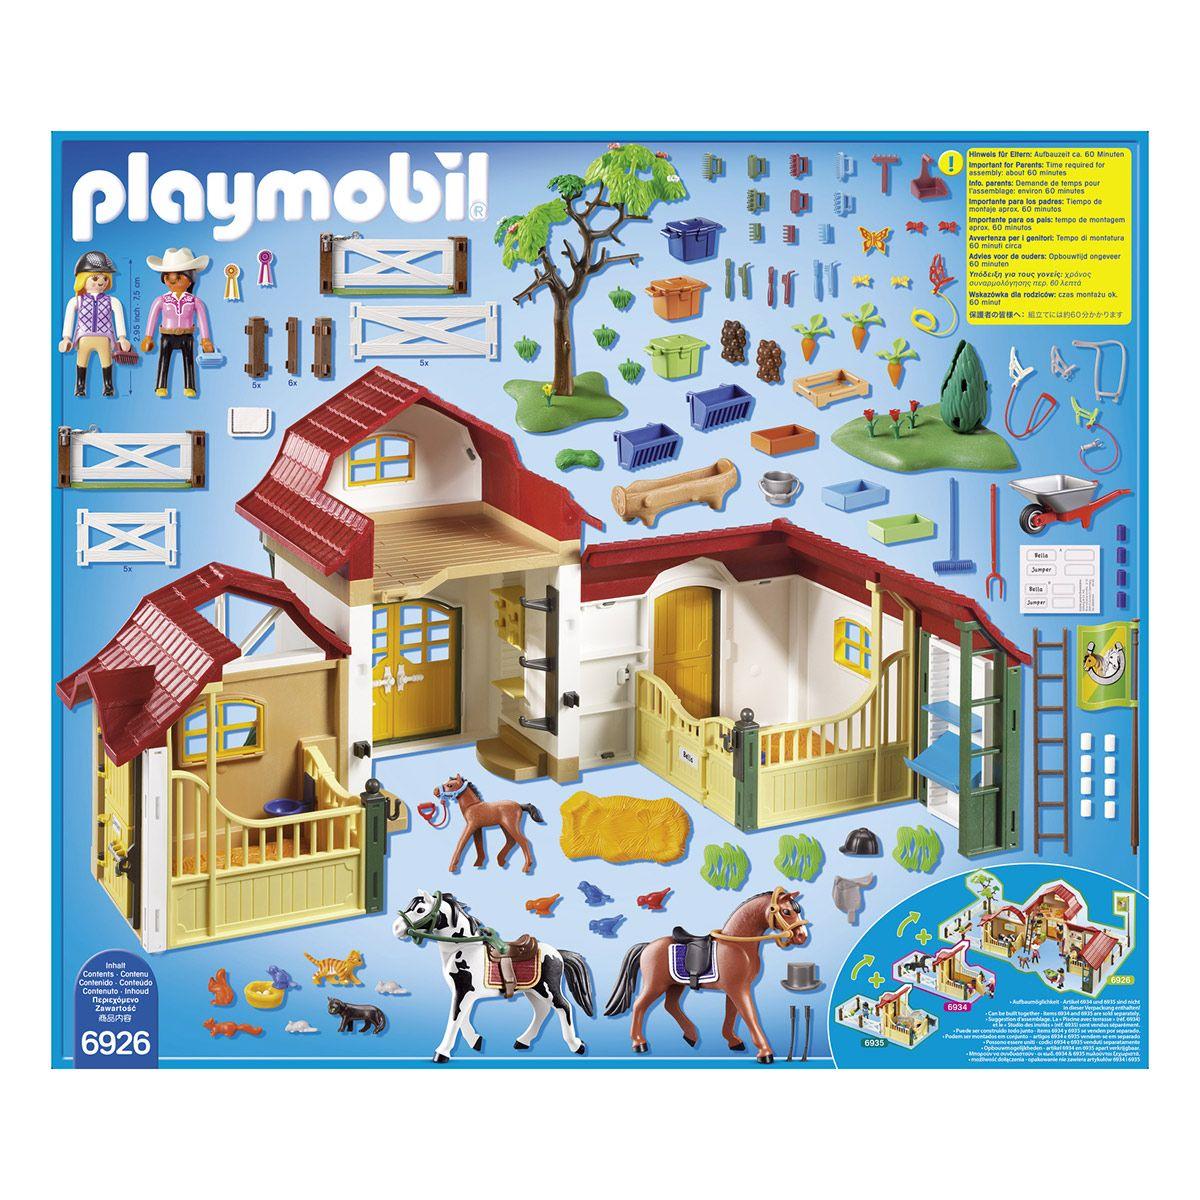 Country Club Le Et SportLes Playmobil D'équitation 6926 Loisirs NkXOPn80wZ